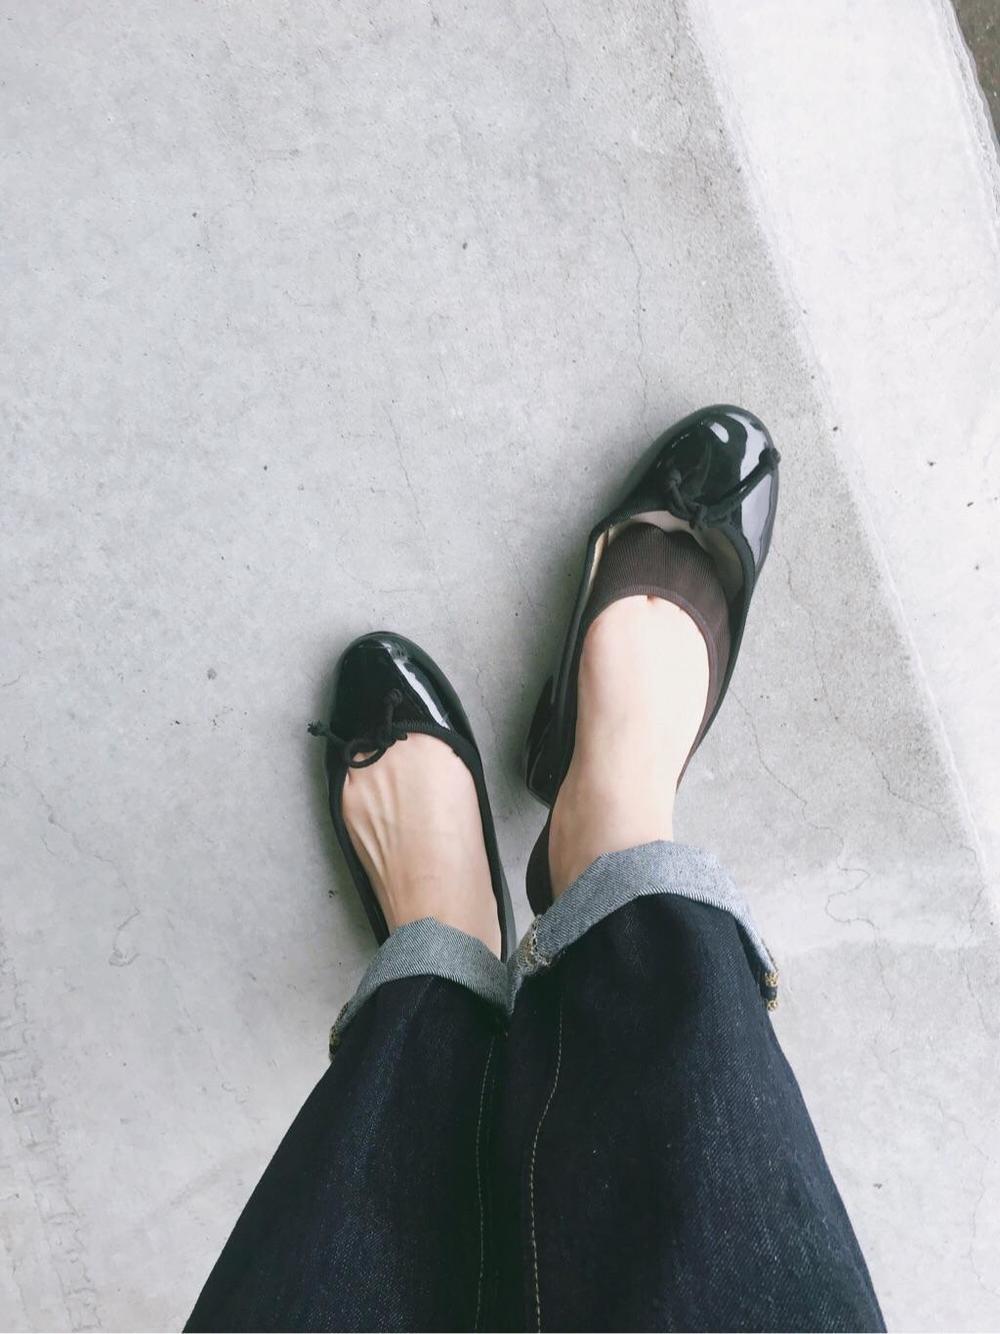 夏のパンプスに合わせるおすすめの靴下